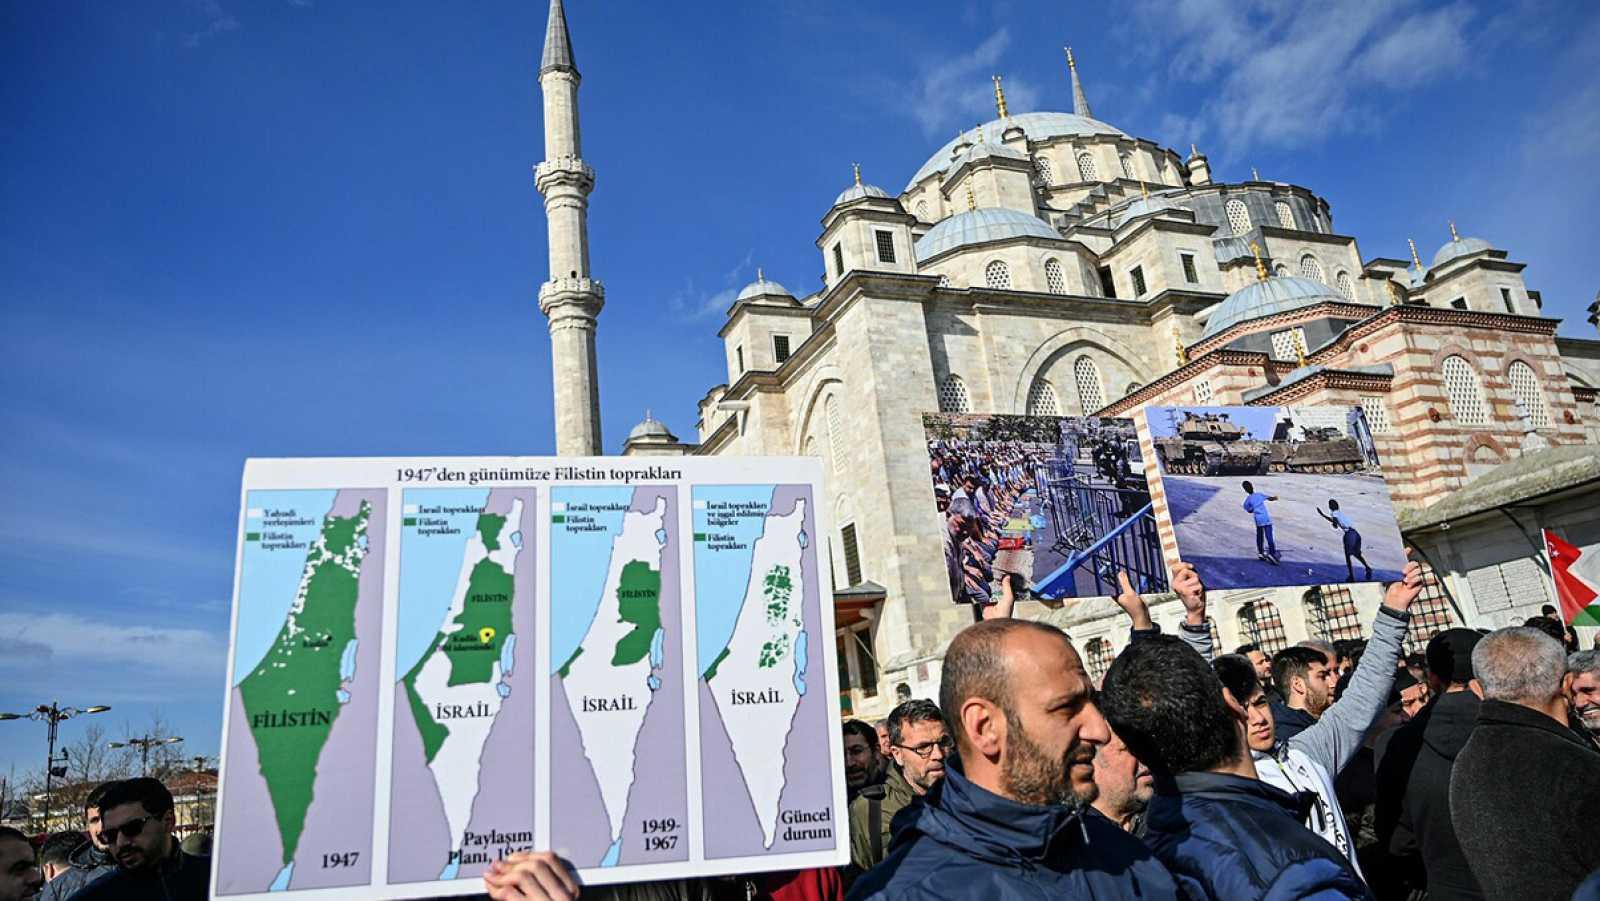 Proetesta contra el plan de Trump para Israel y Palestina en Estambul, Turquía. Foto: Ozan KOSE / AFP